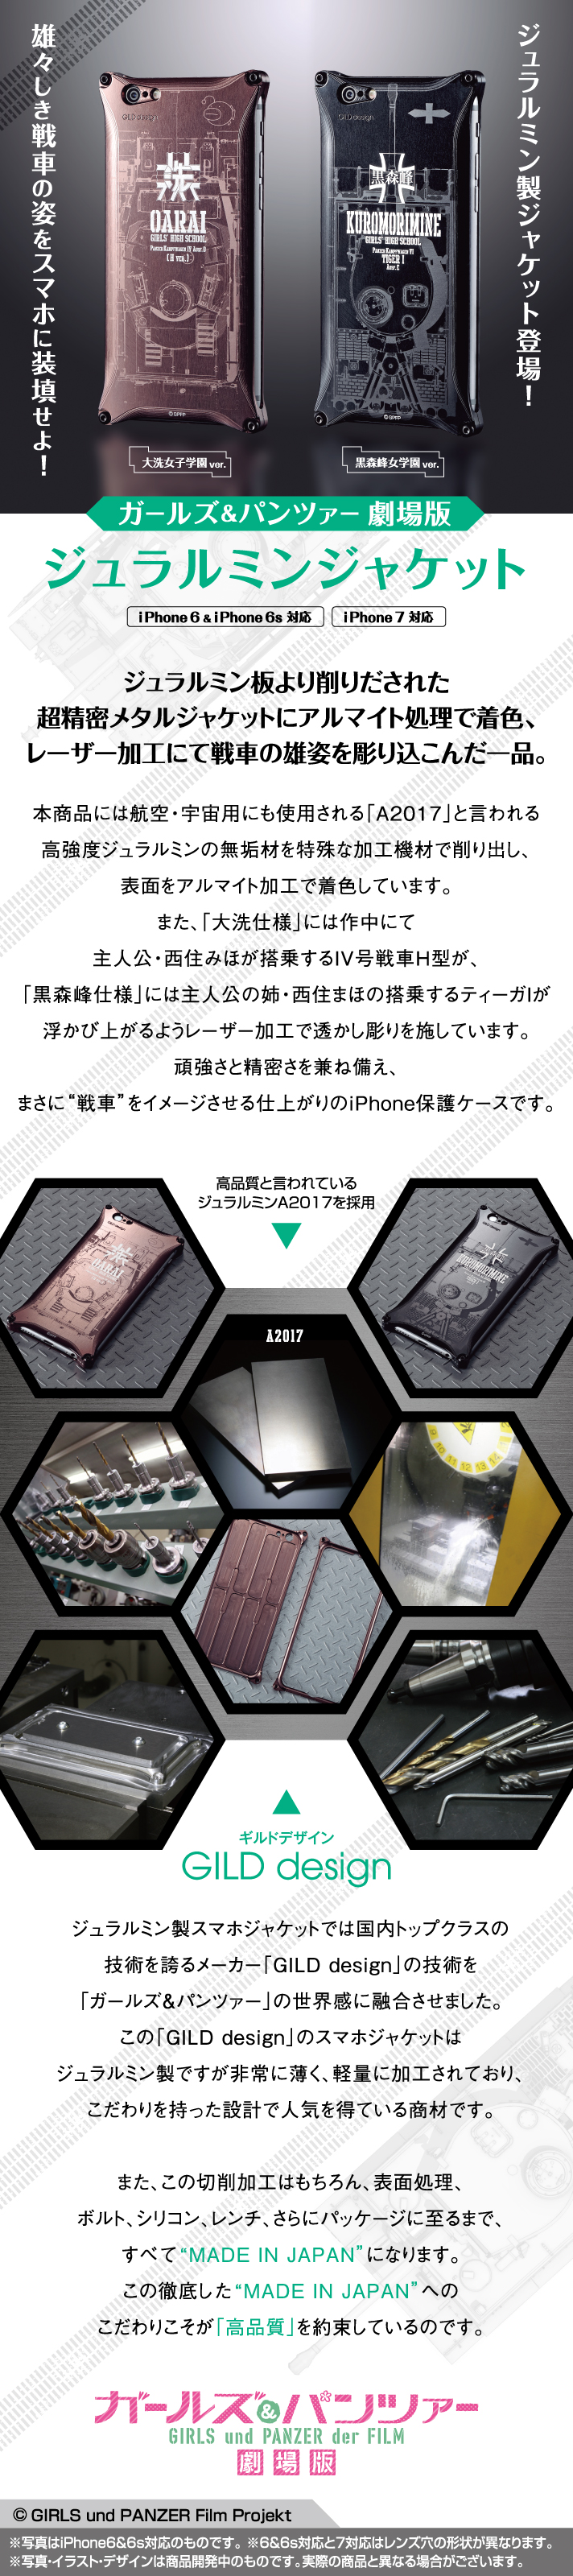 《少女與戰車 劇場版》x GILD design iPhone 6/6s/7 專用鋁合金機殼 ガールズ&パンツァー劇場版 ジュラルミンジャケット